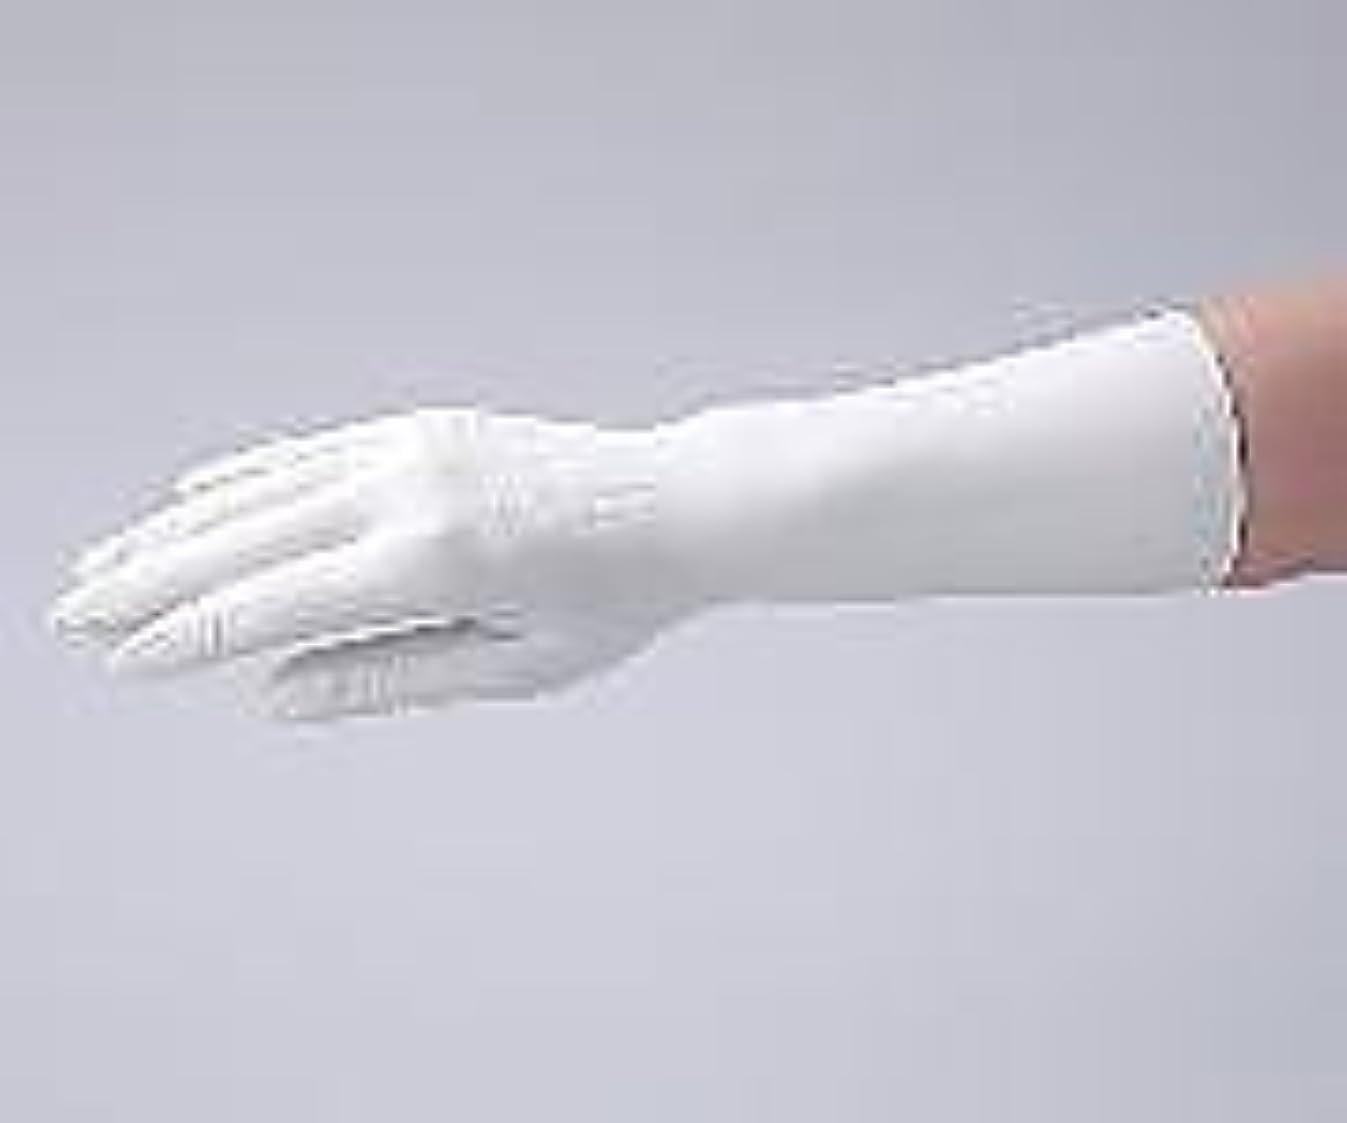 ストライクお気に入りモスクアズピュア(アズワン)1-2323-52アズピュアクリーンノールニトリル手袋(ペアタイプ)S左右各100枚×5袋入